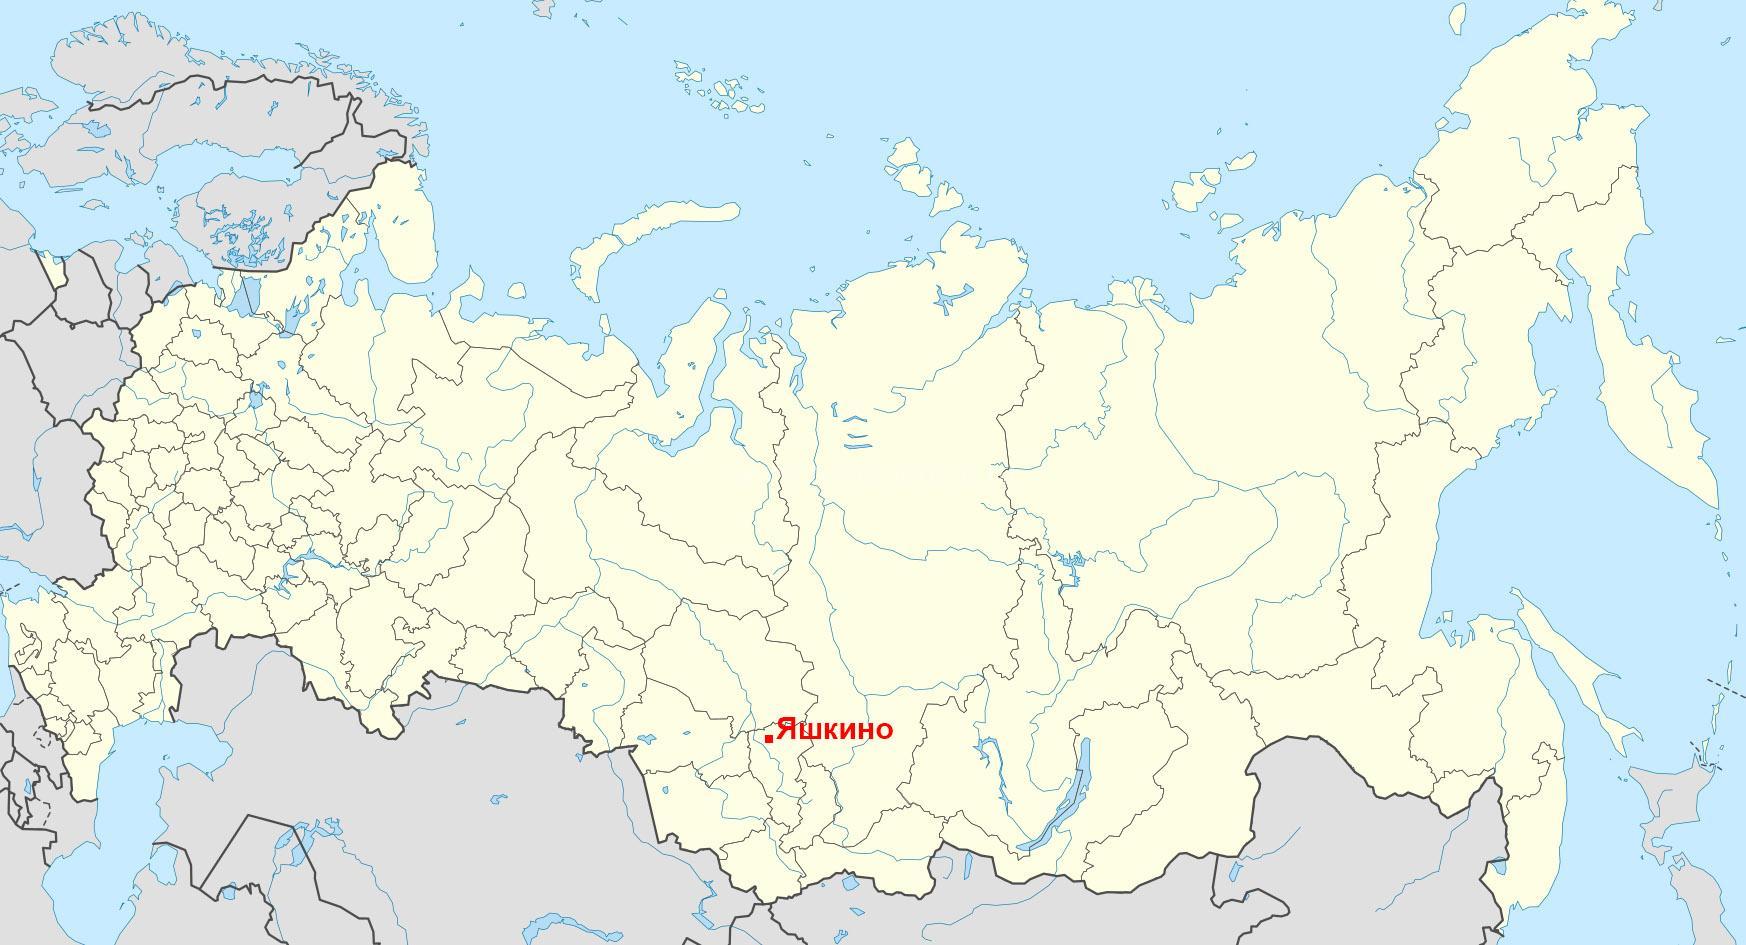 поселок Яшкино на карте России